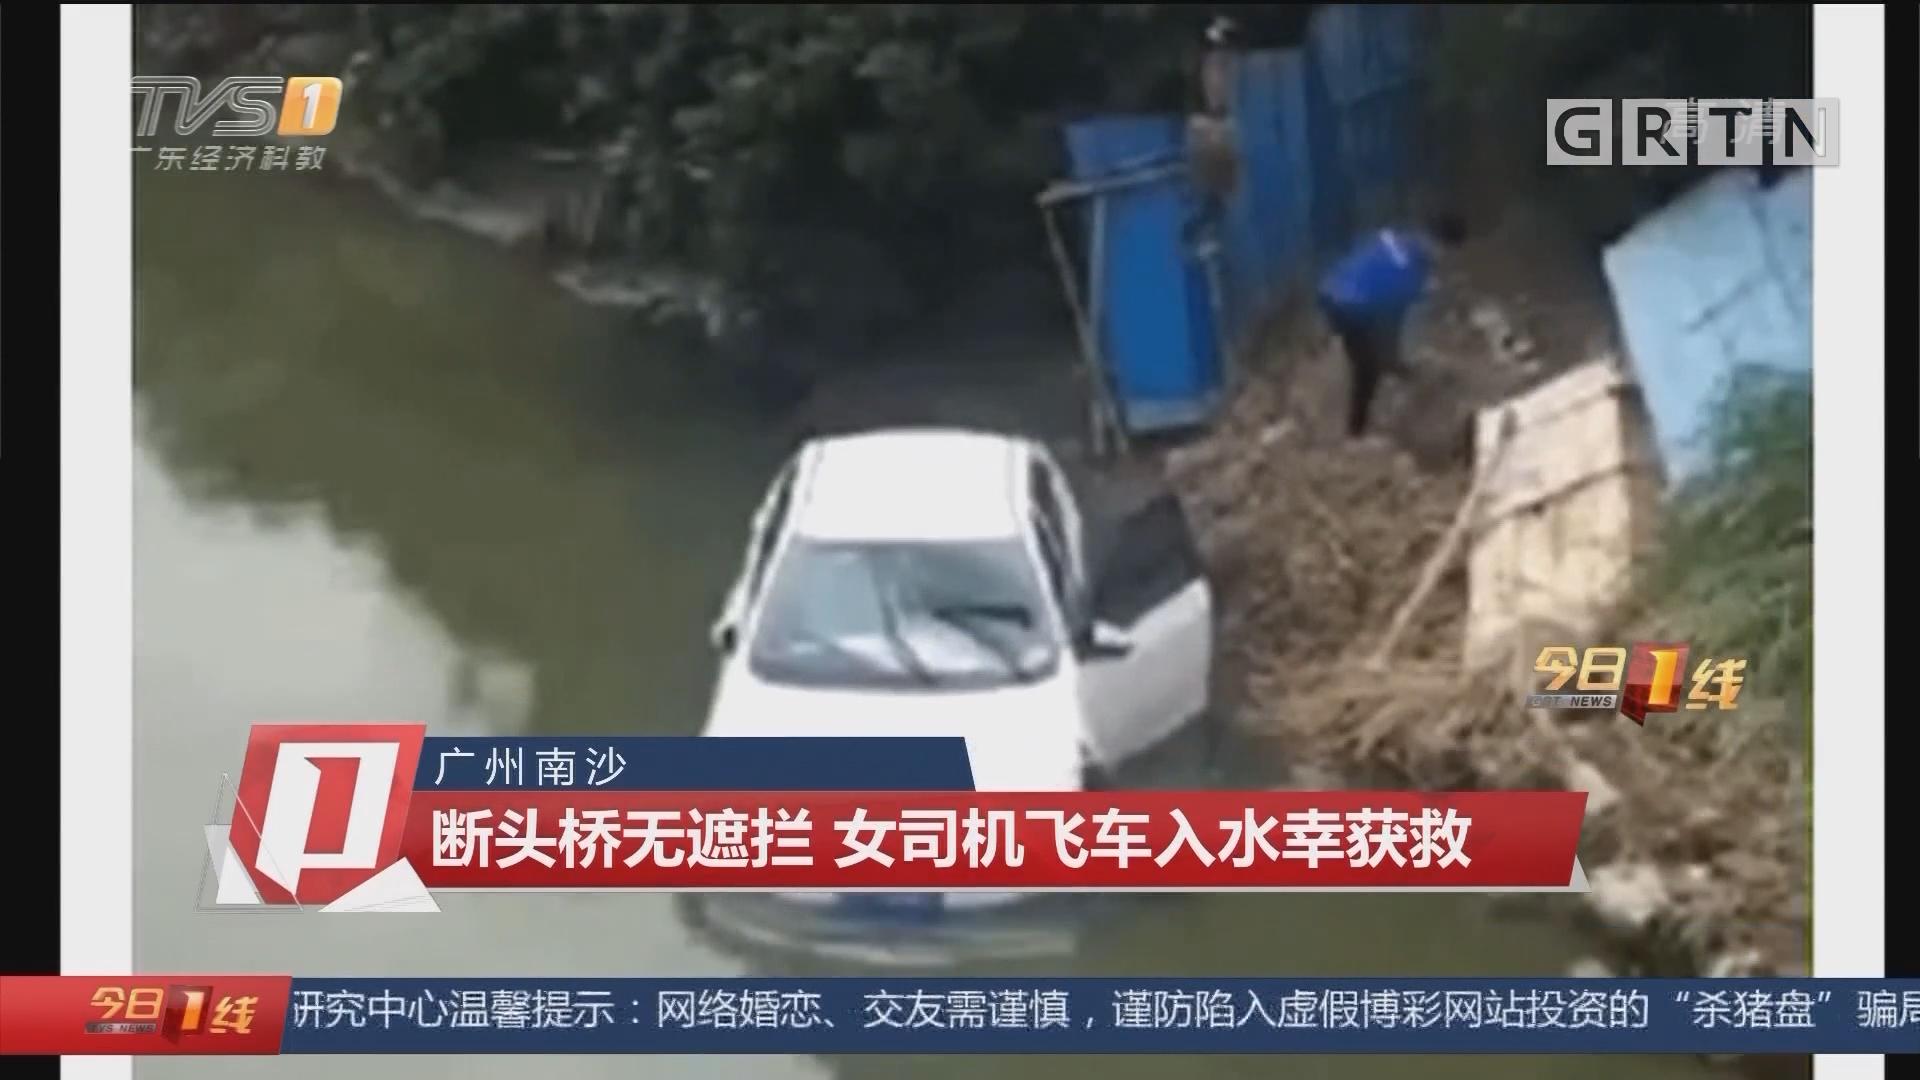 广州南沙:断头桥无遮拦 女司机飞车入水幸获救